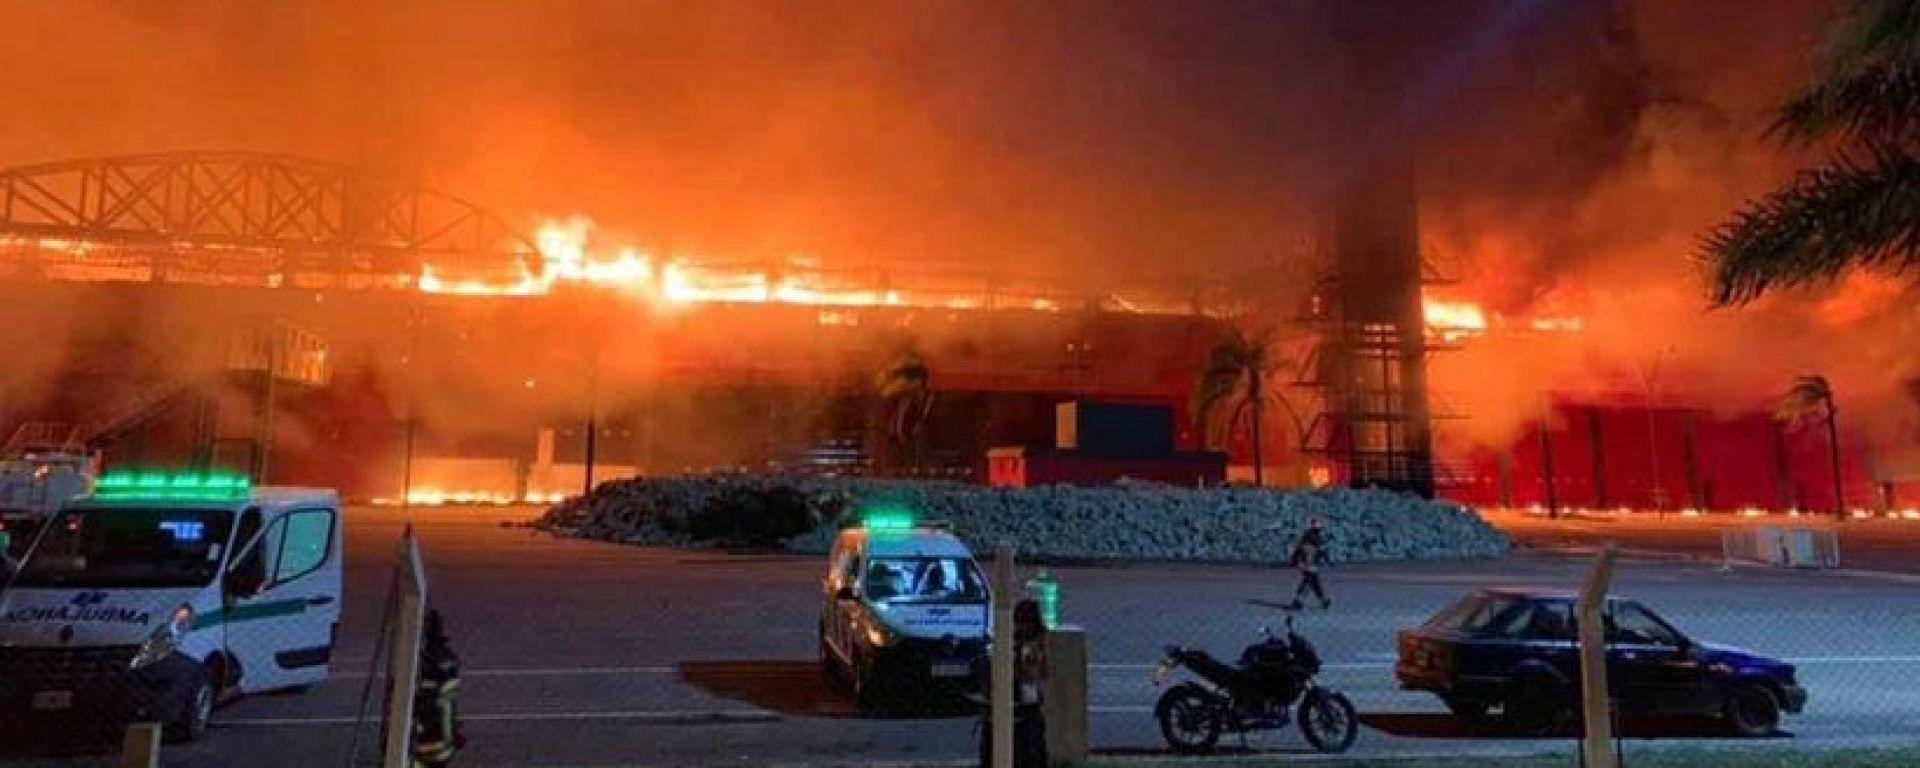 L'incendio al circuito di Termas de Rio Hondo